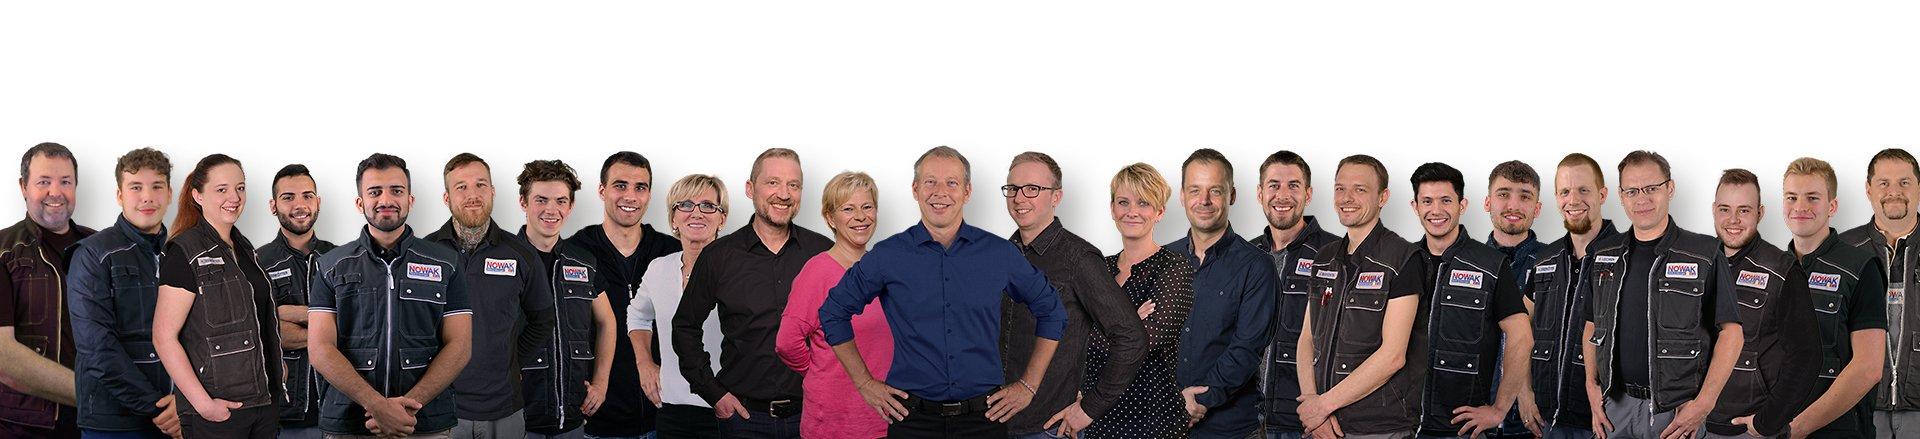 Nowak Mitarbeiter Gruppenfoto